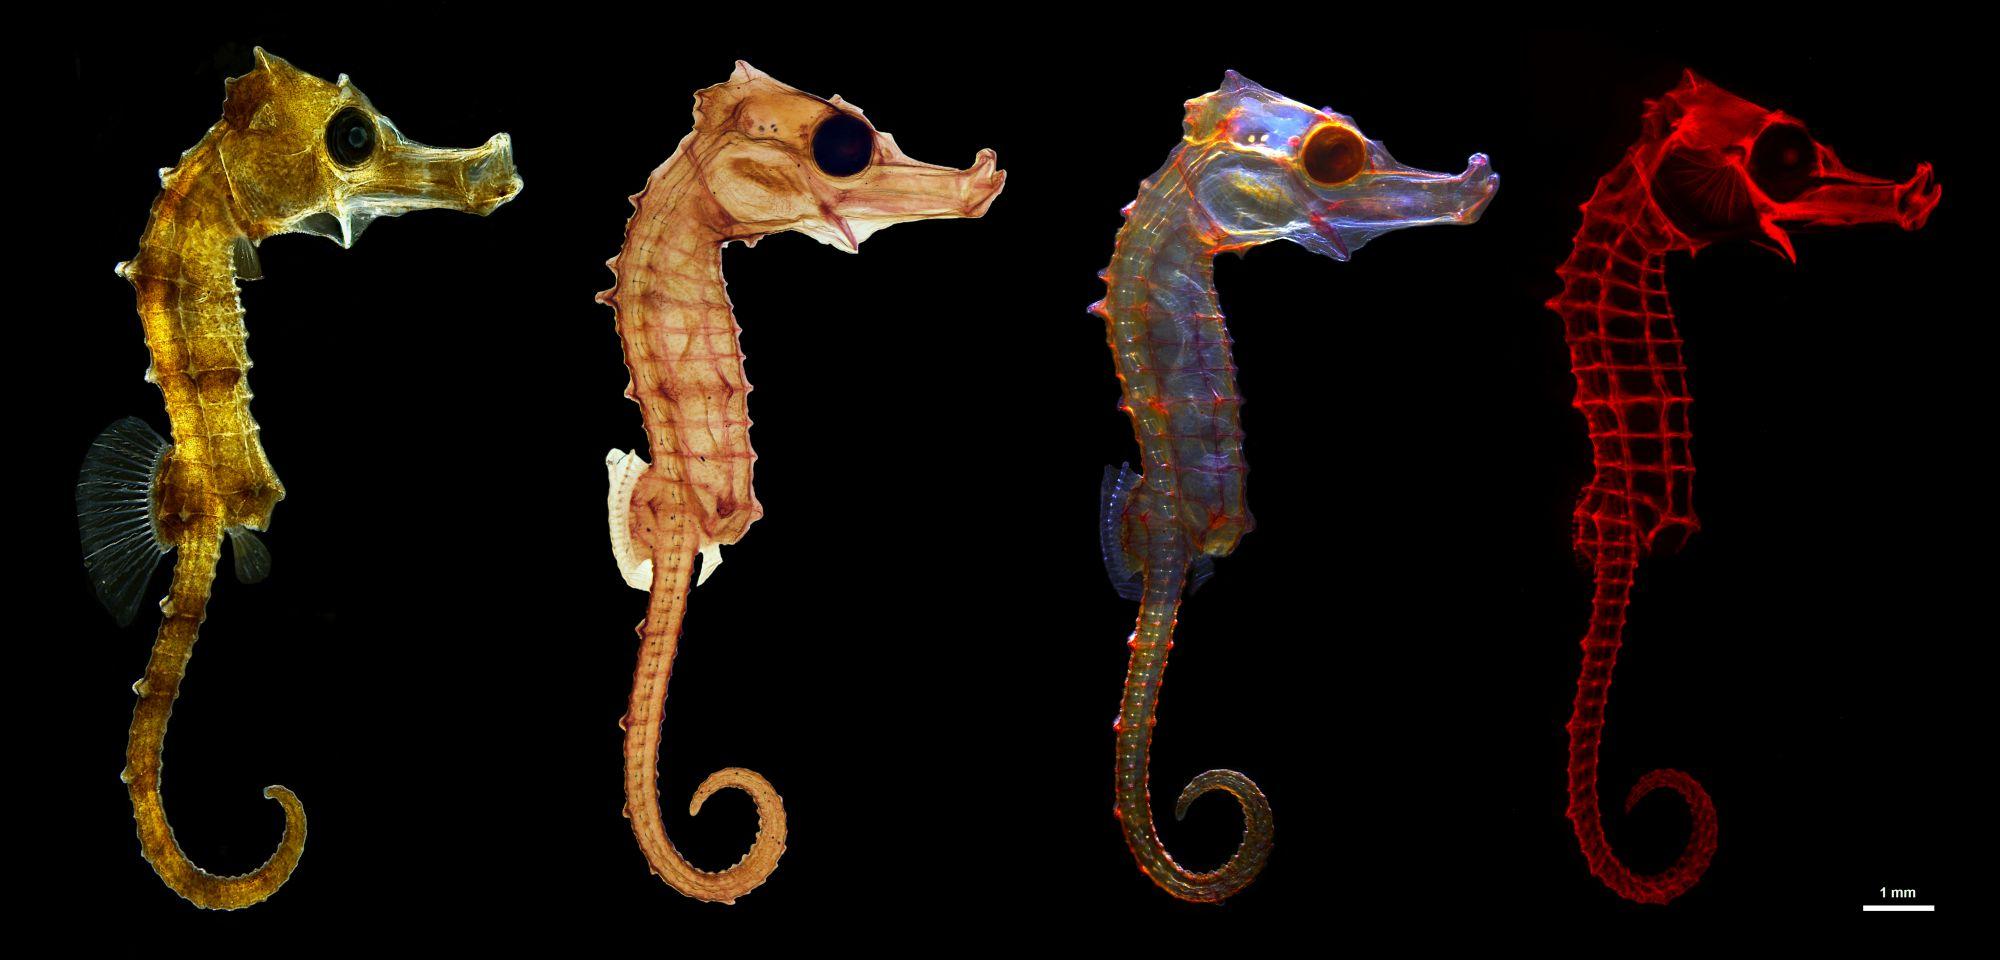 Las mejores fotos científicas: de la anatomía del caballito de mar al cortejo de crustáceos